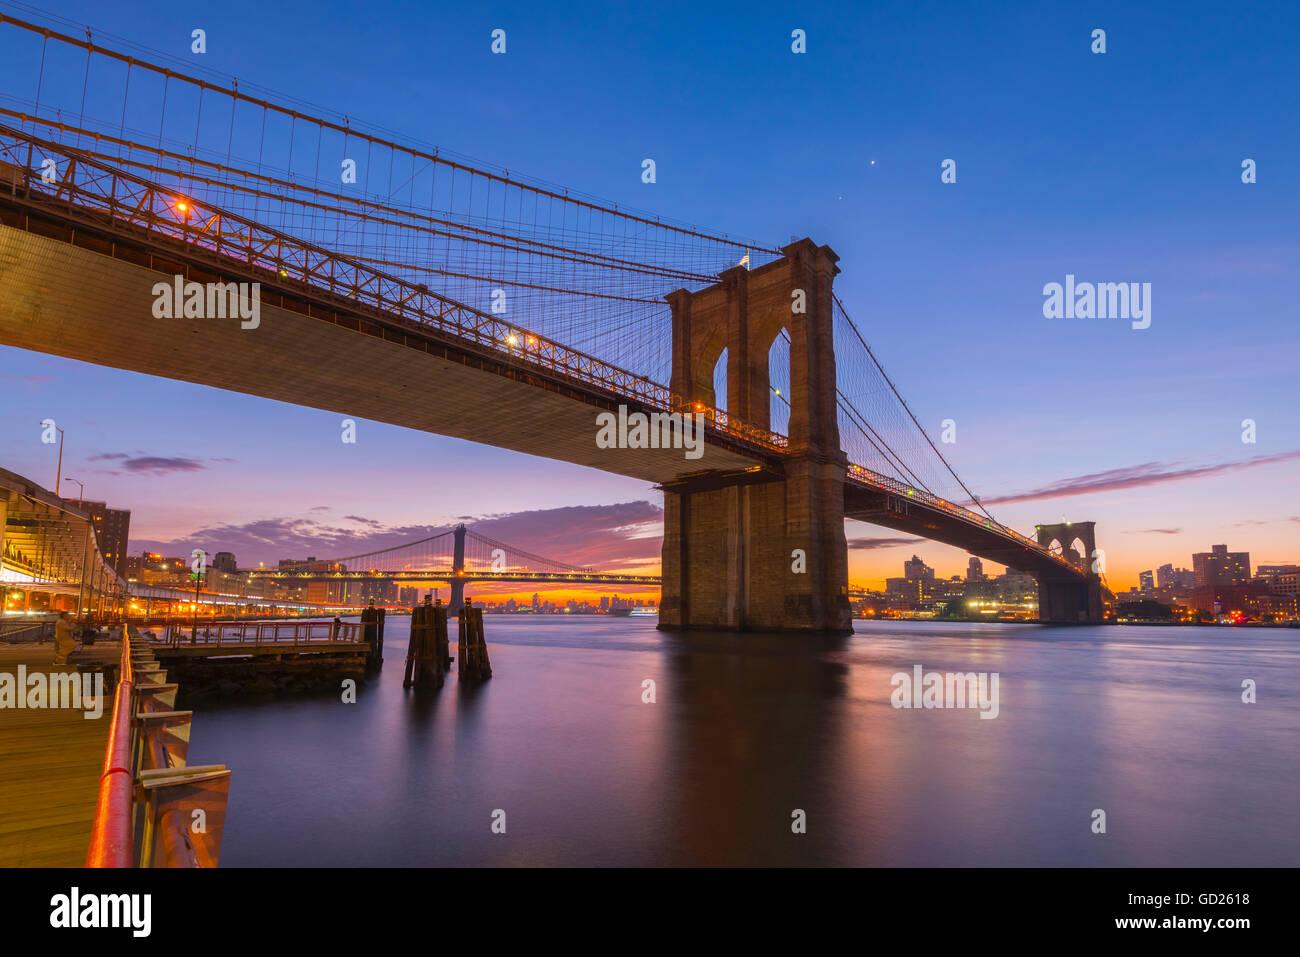 Il Ponte di Brooklyn e Manhattan Bridge al di là, su East River, New York, Stati Uniti d'America, America del Nord Foto Stock